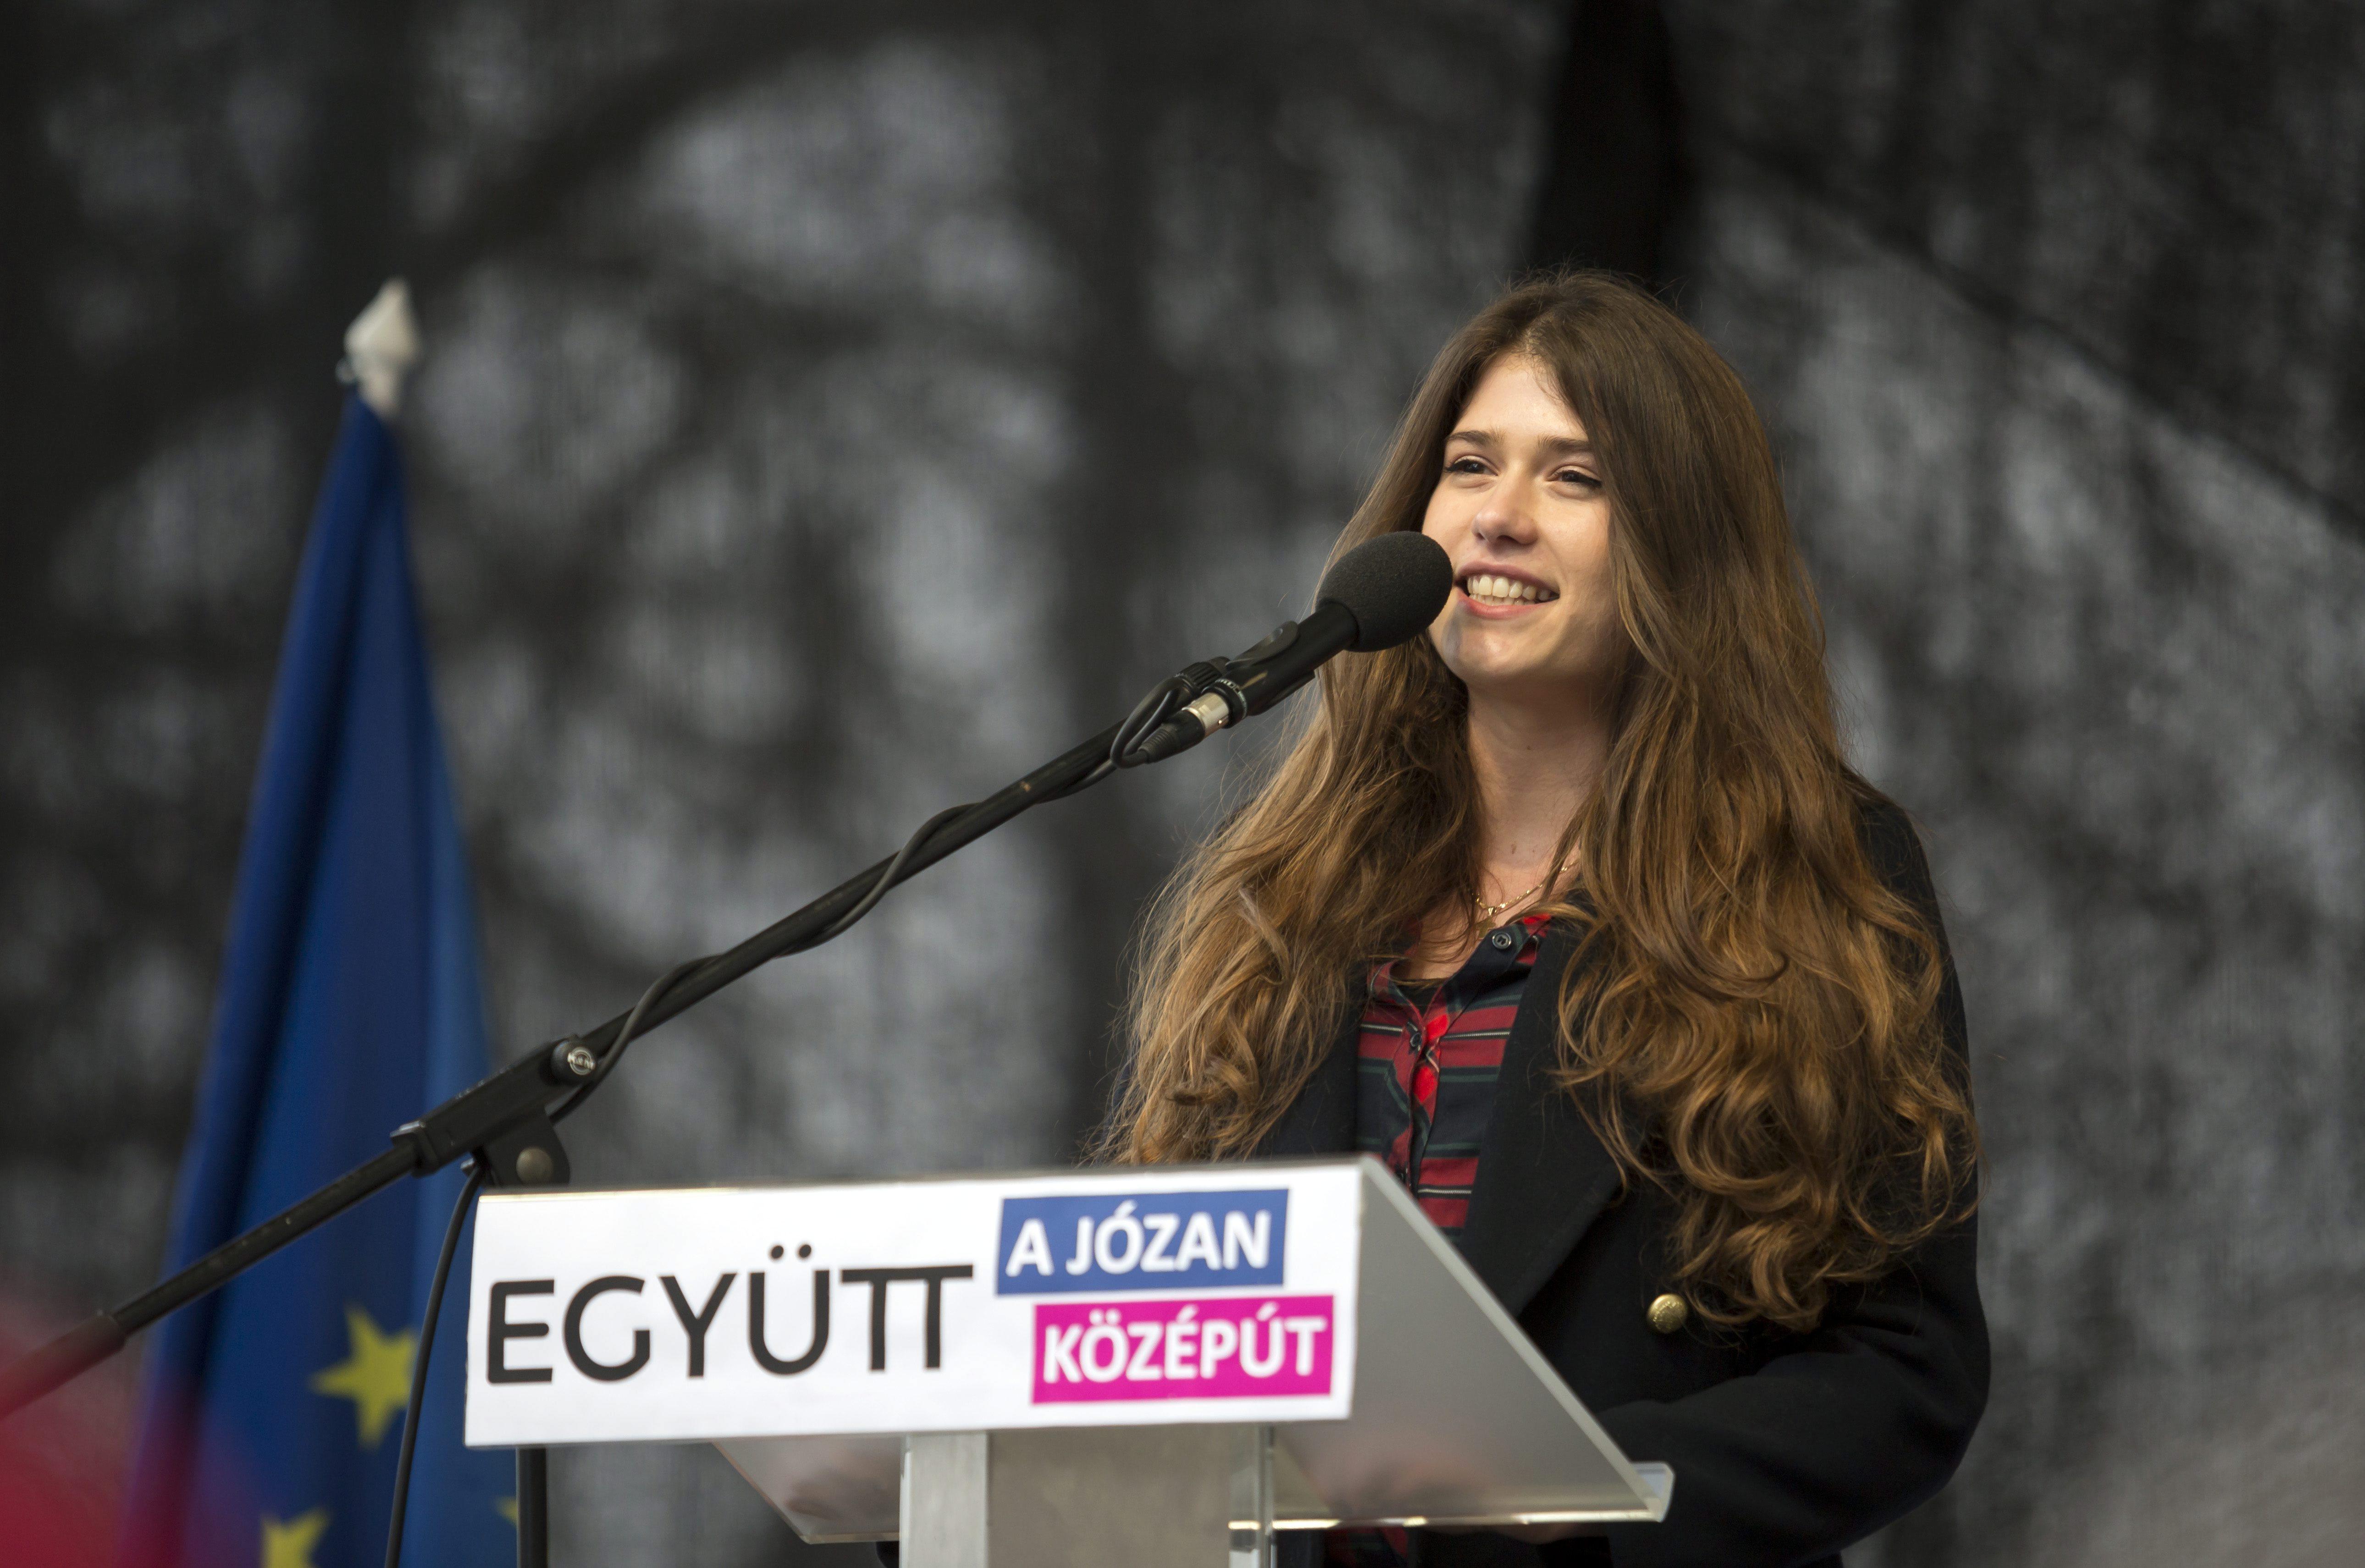 Ki ez a dühös egyetemista lány, aki a legkeményebb ellenzéki beszédet mondta?